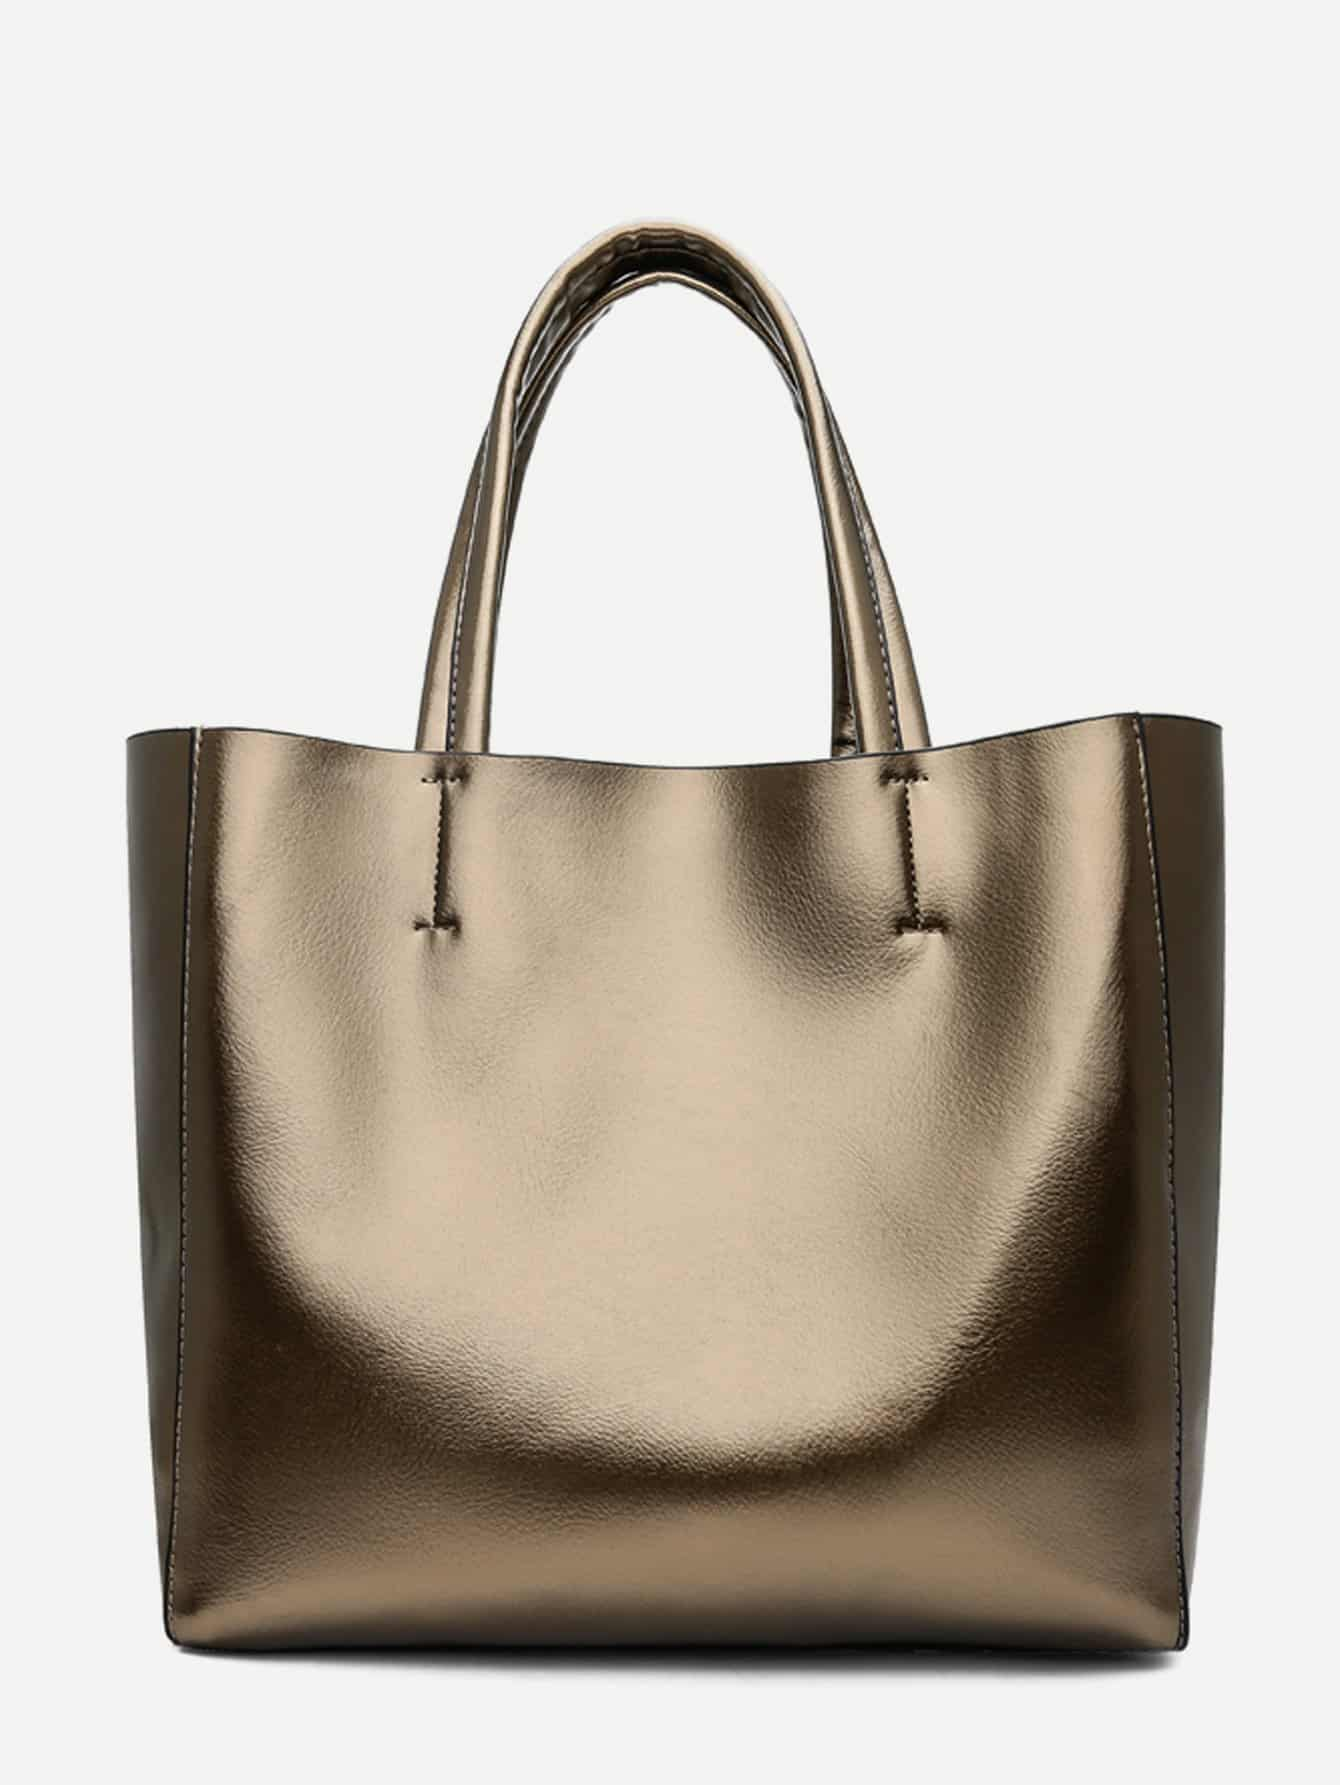 Купить Сумочка металлического цвета с внутренной сумкой, null, SheIn